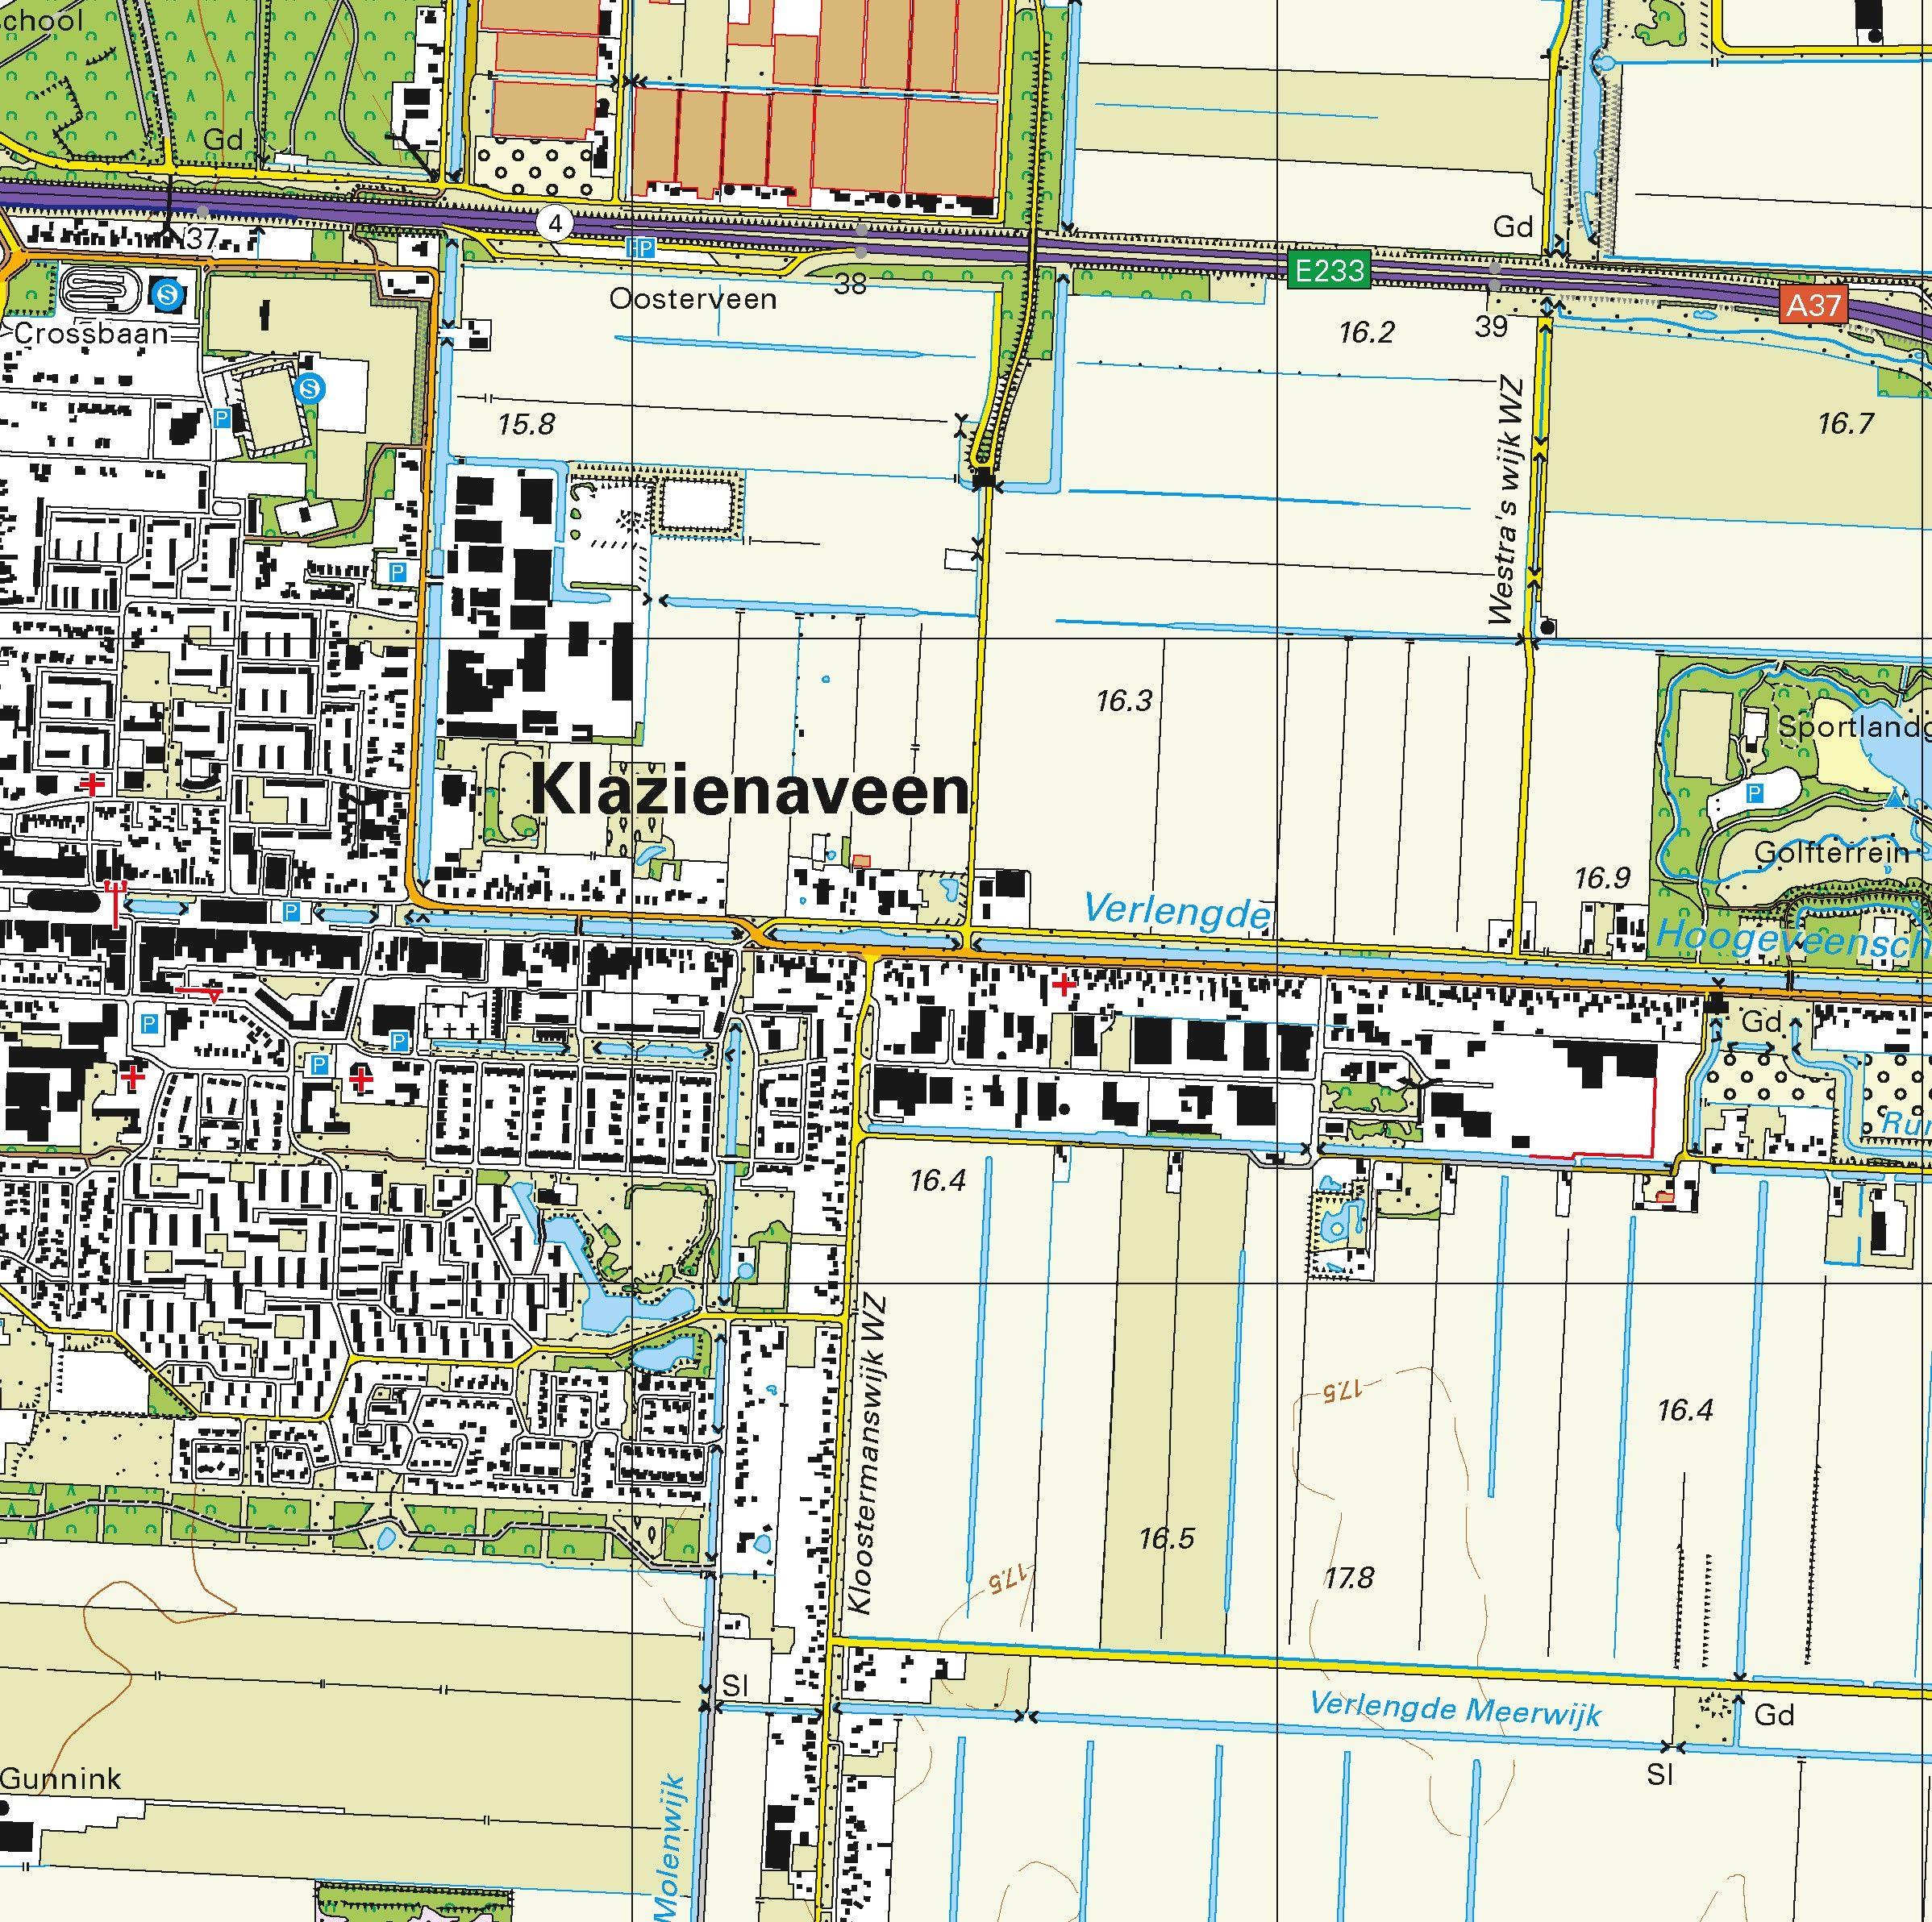 Topografische kaart schaal 1:25.000 (Emmen, Klazienaveen, Schoonebeek, Nieuw-Amsterdam)